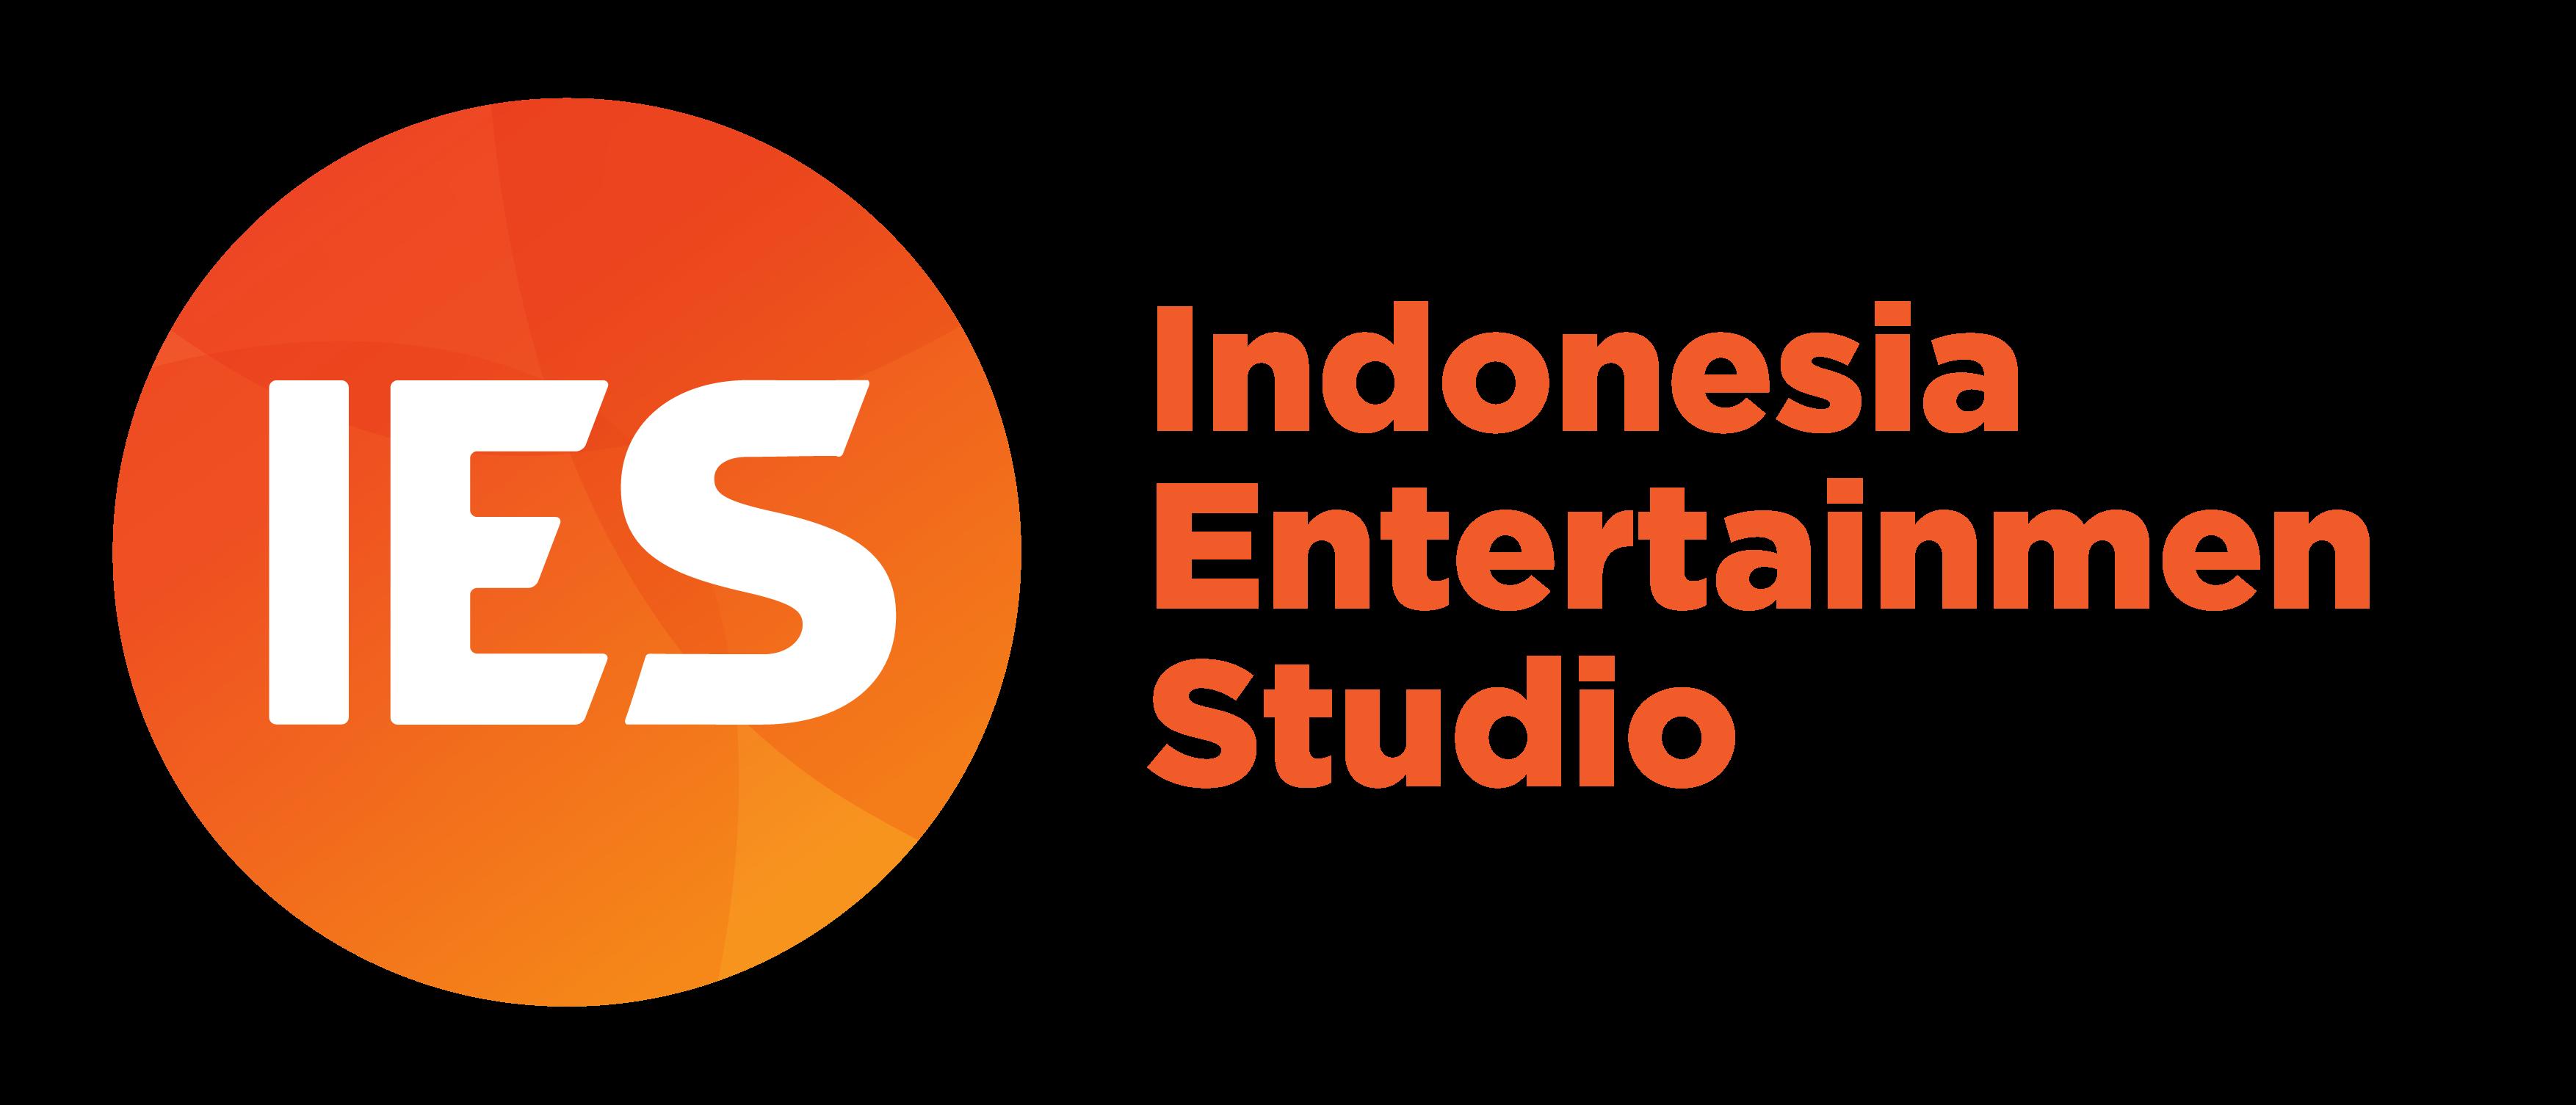 Indonesia Entertainmen Studio